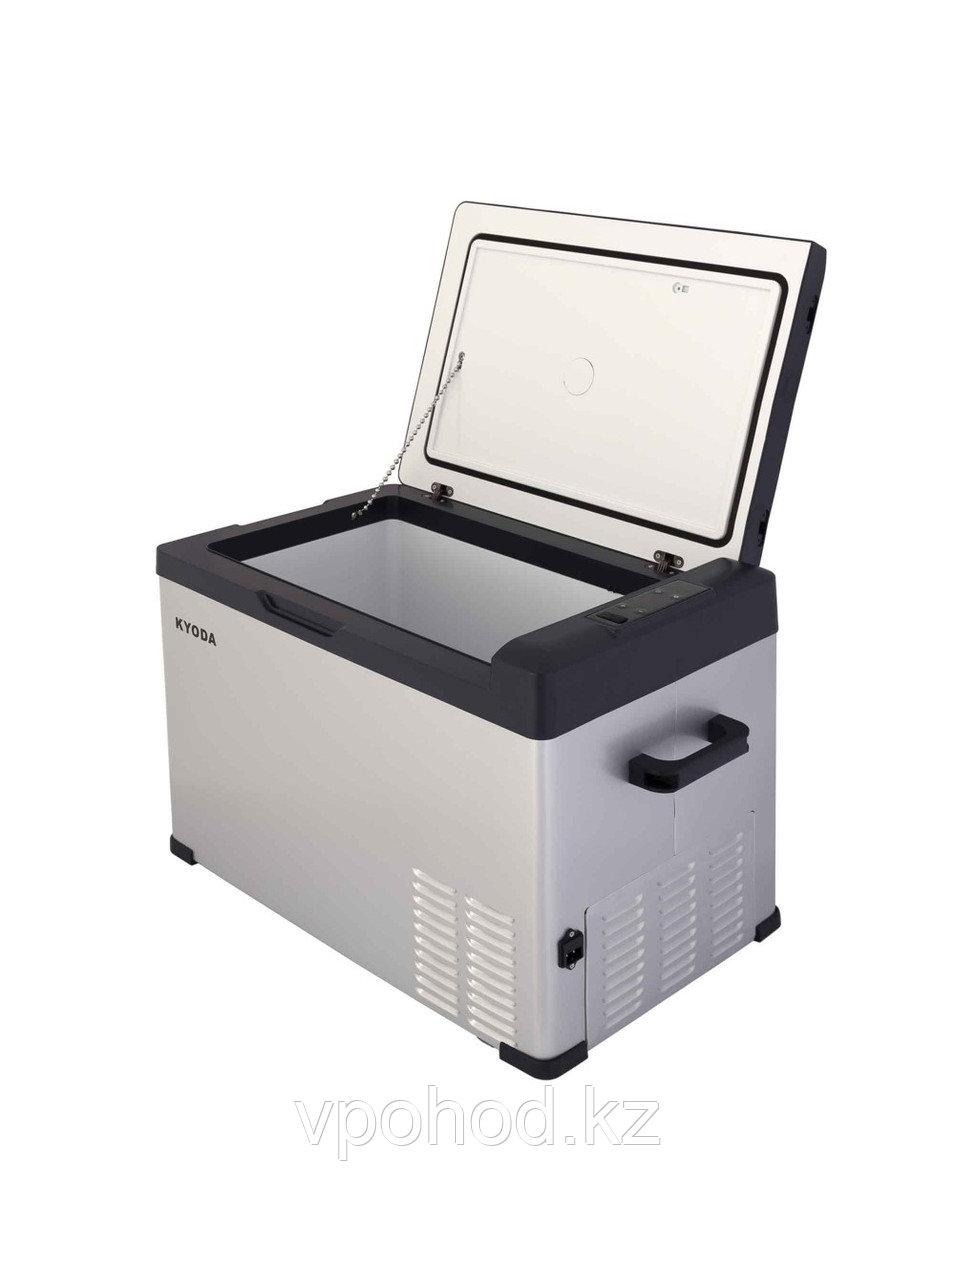 Автохолодильник KYODA CS40, 40 Л